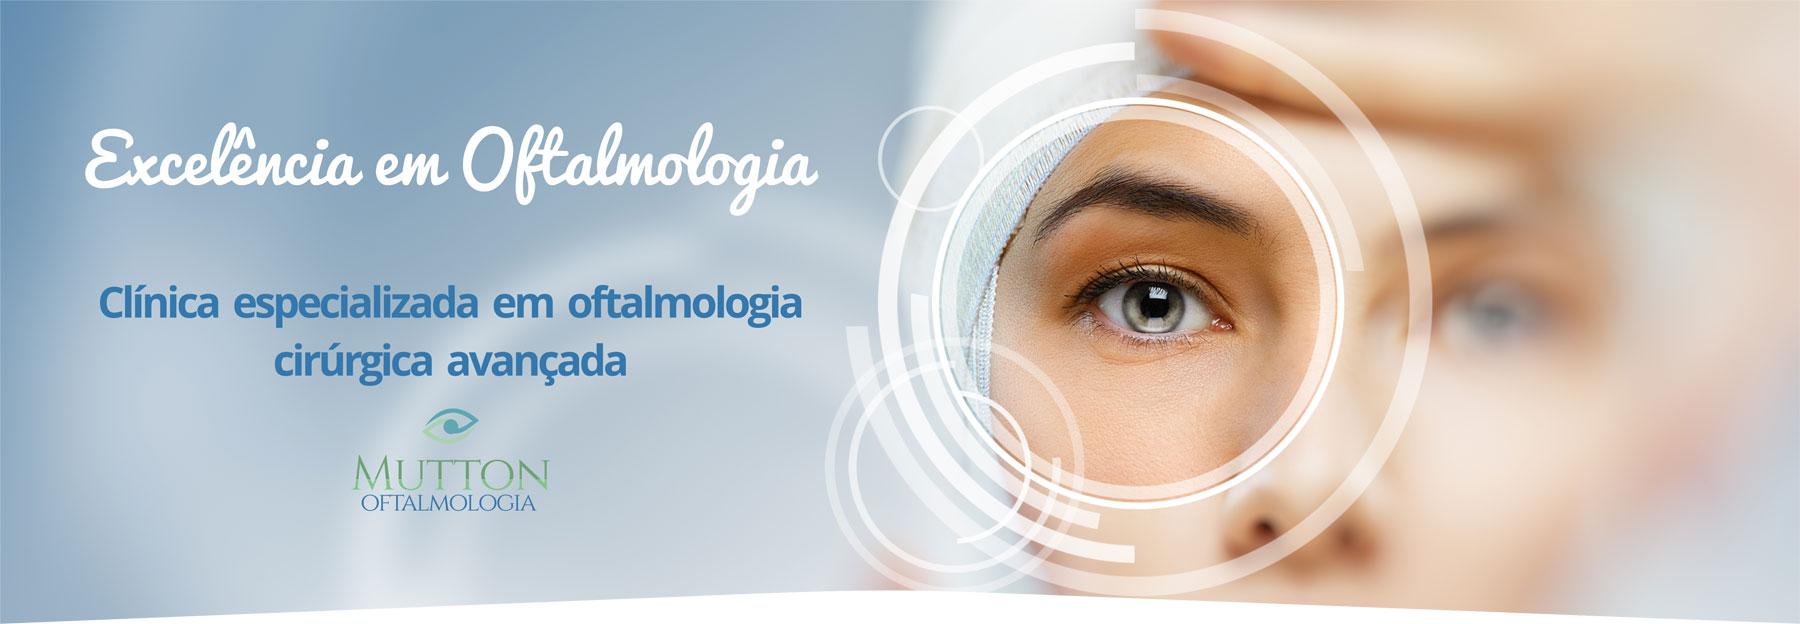 clinica-oftalmologica em sorocaba